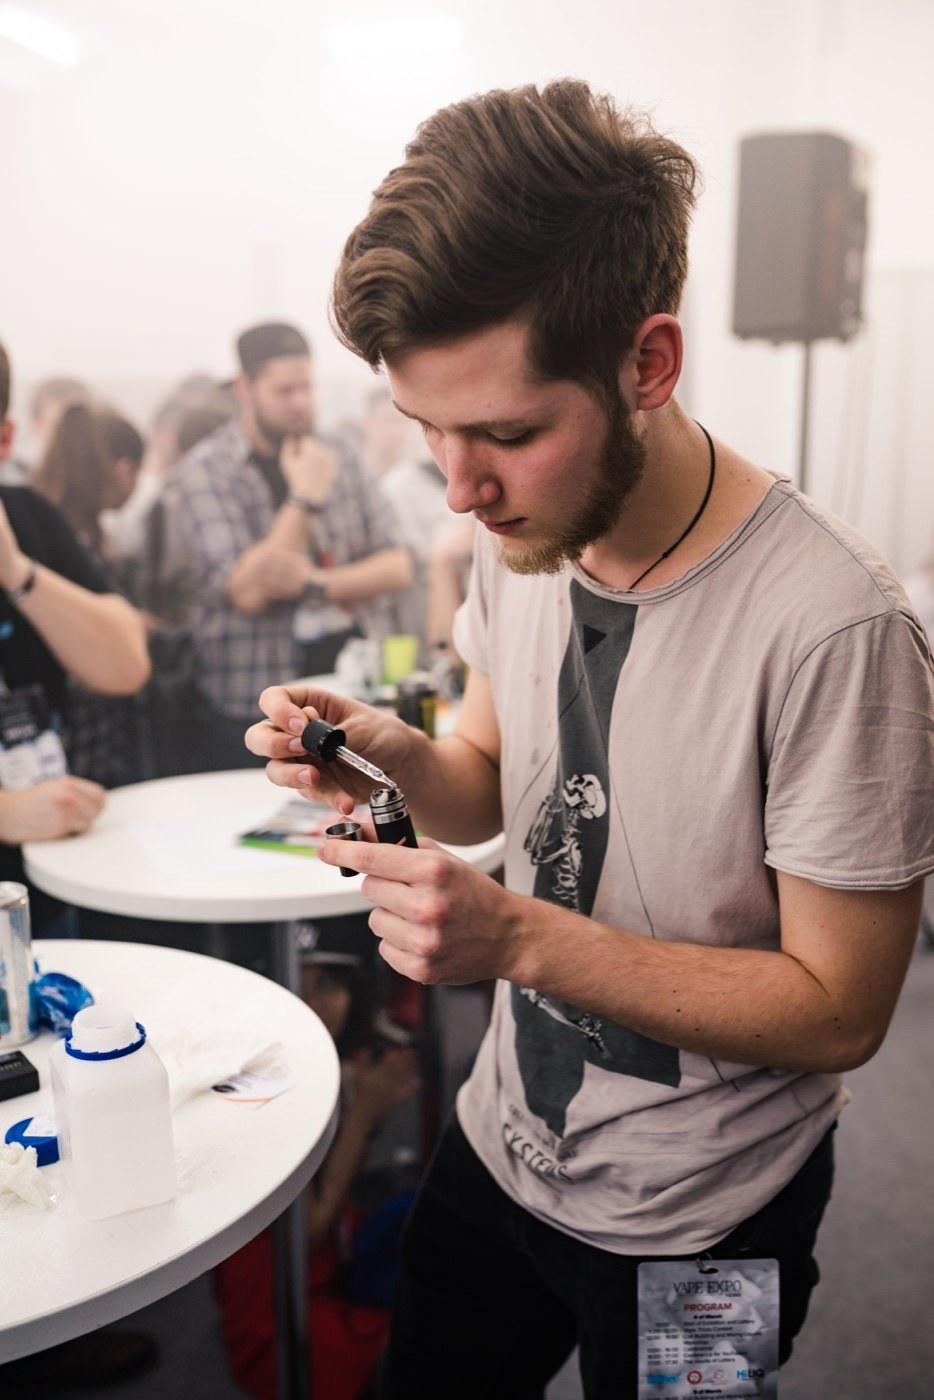 Chłopak uzpełnia swój e-papieros